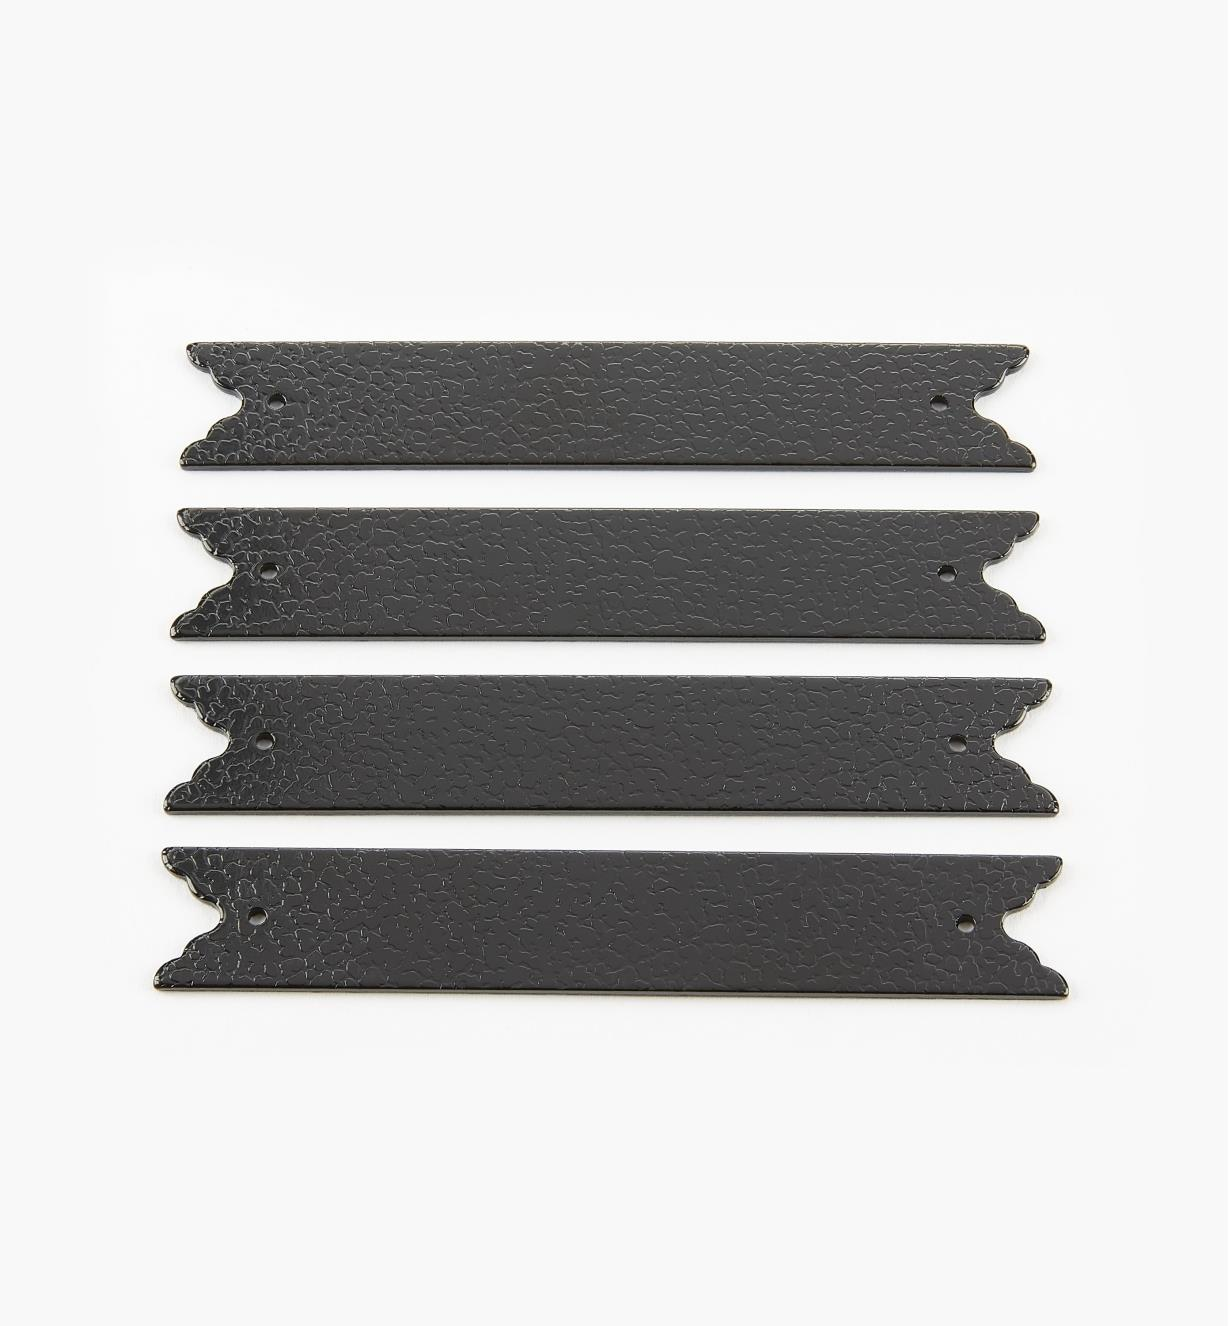 00D5610 - Plaques droites de 100 mm (17 mm), quincaillerie Tansu, le paquet de 4